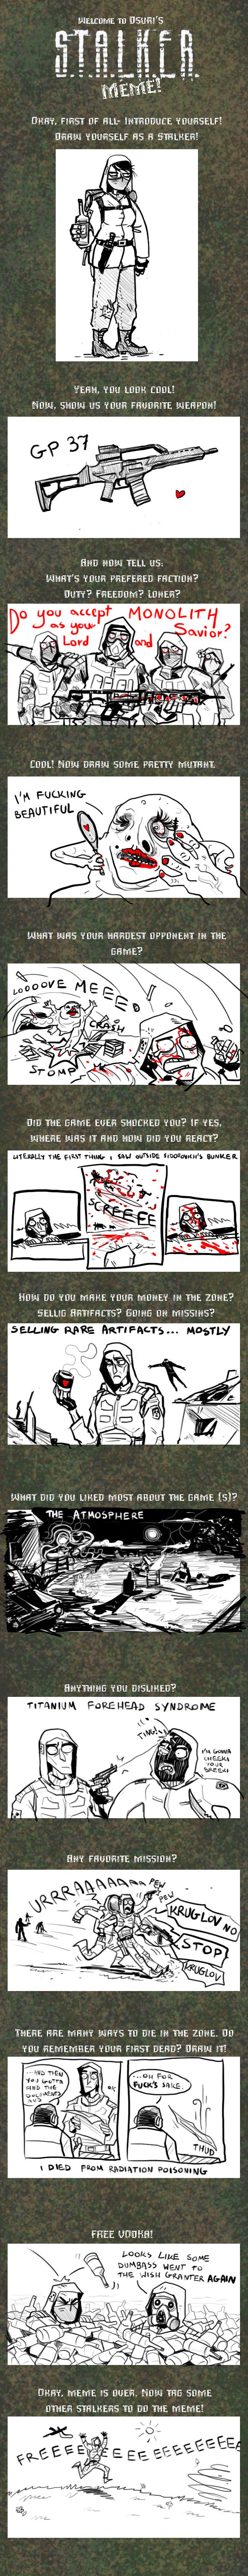 S.T.A.L.K.E.R. meme by mrozna